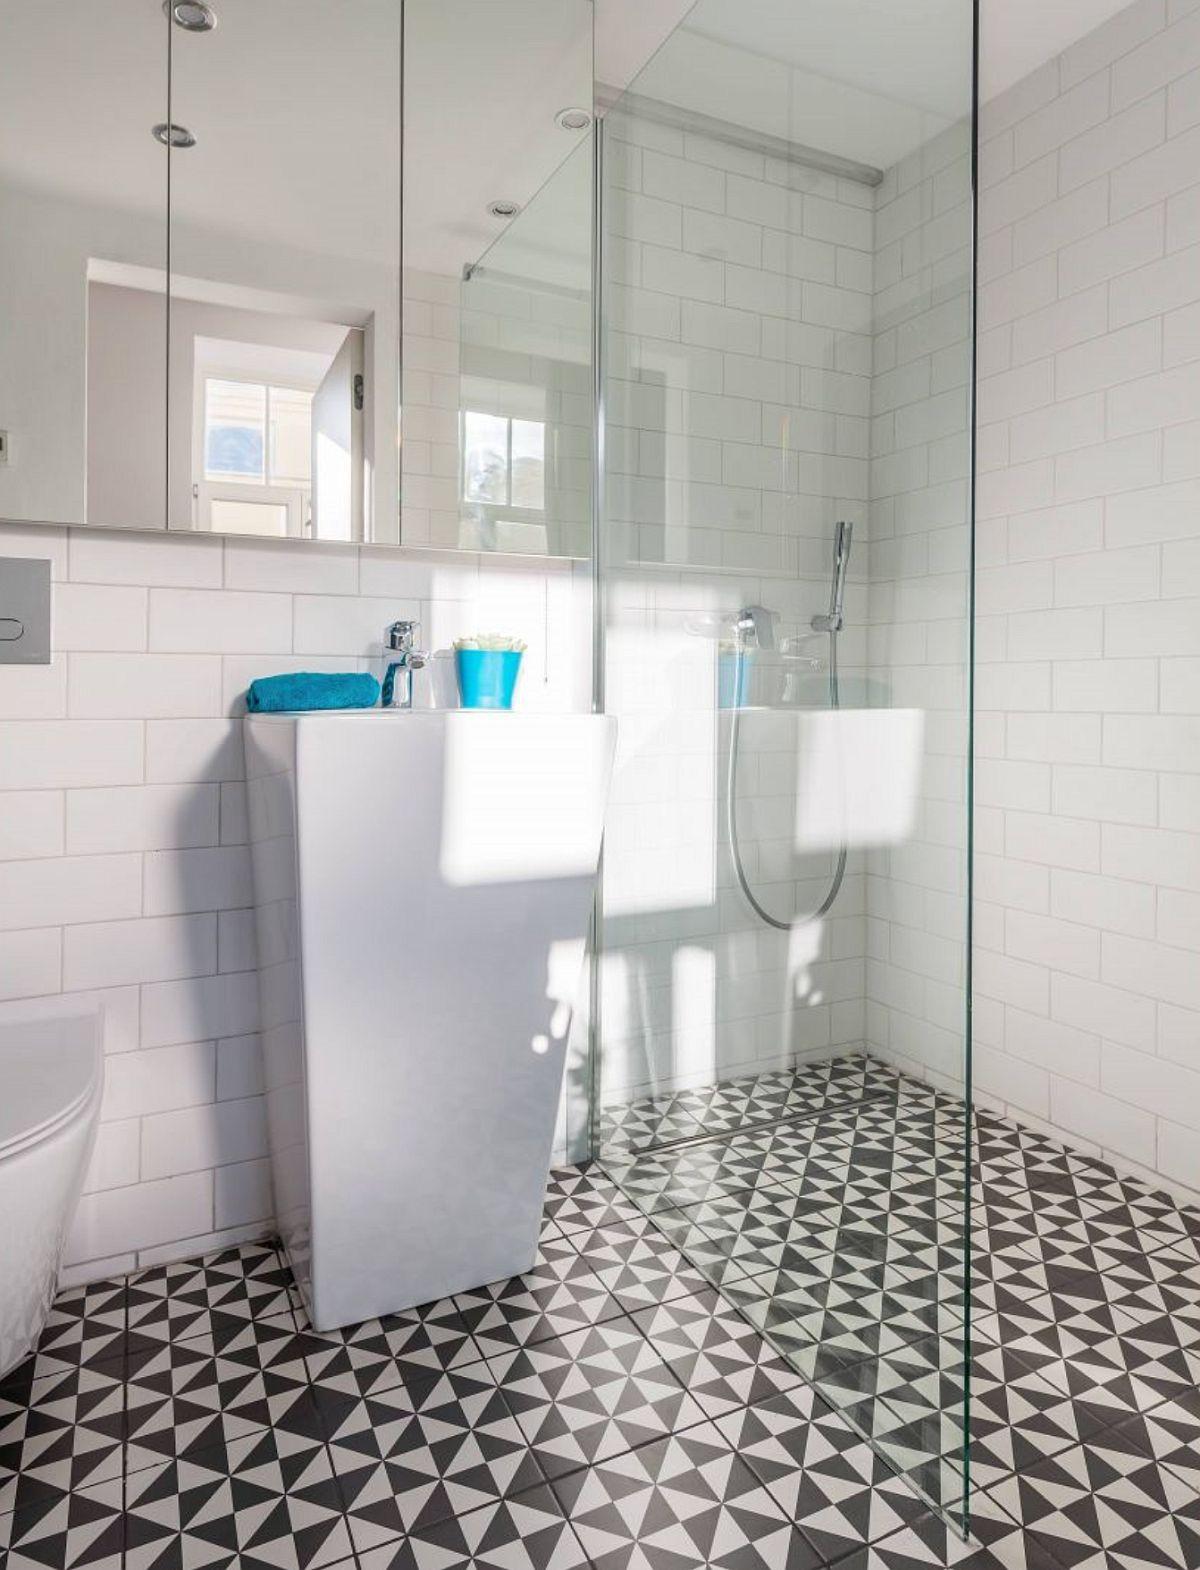 Baia este amenajată actual, cu piese absolut necesare, iar pardoseala a fot făcută pentru a permite montarea unei rigole în zona de duș.